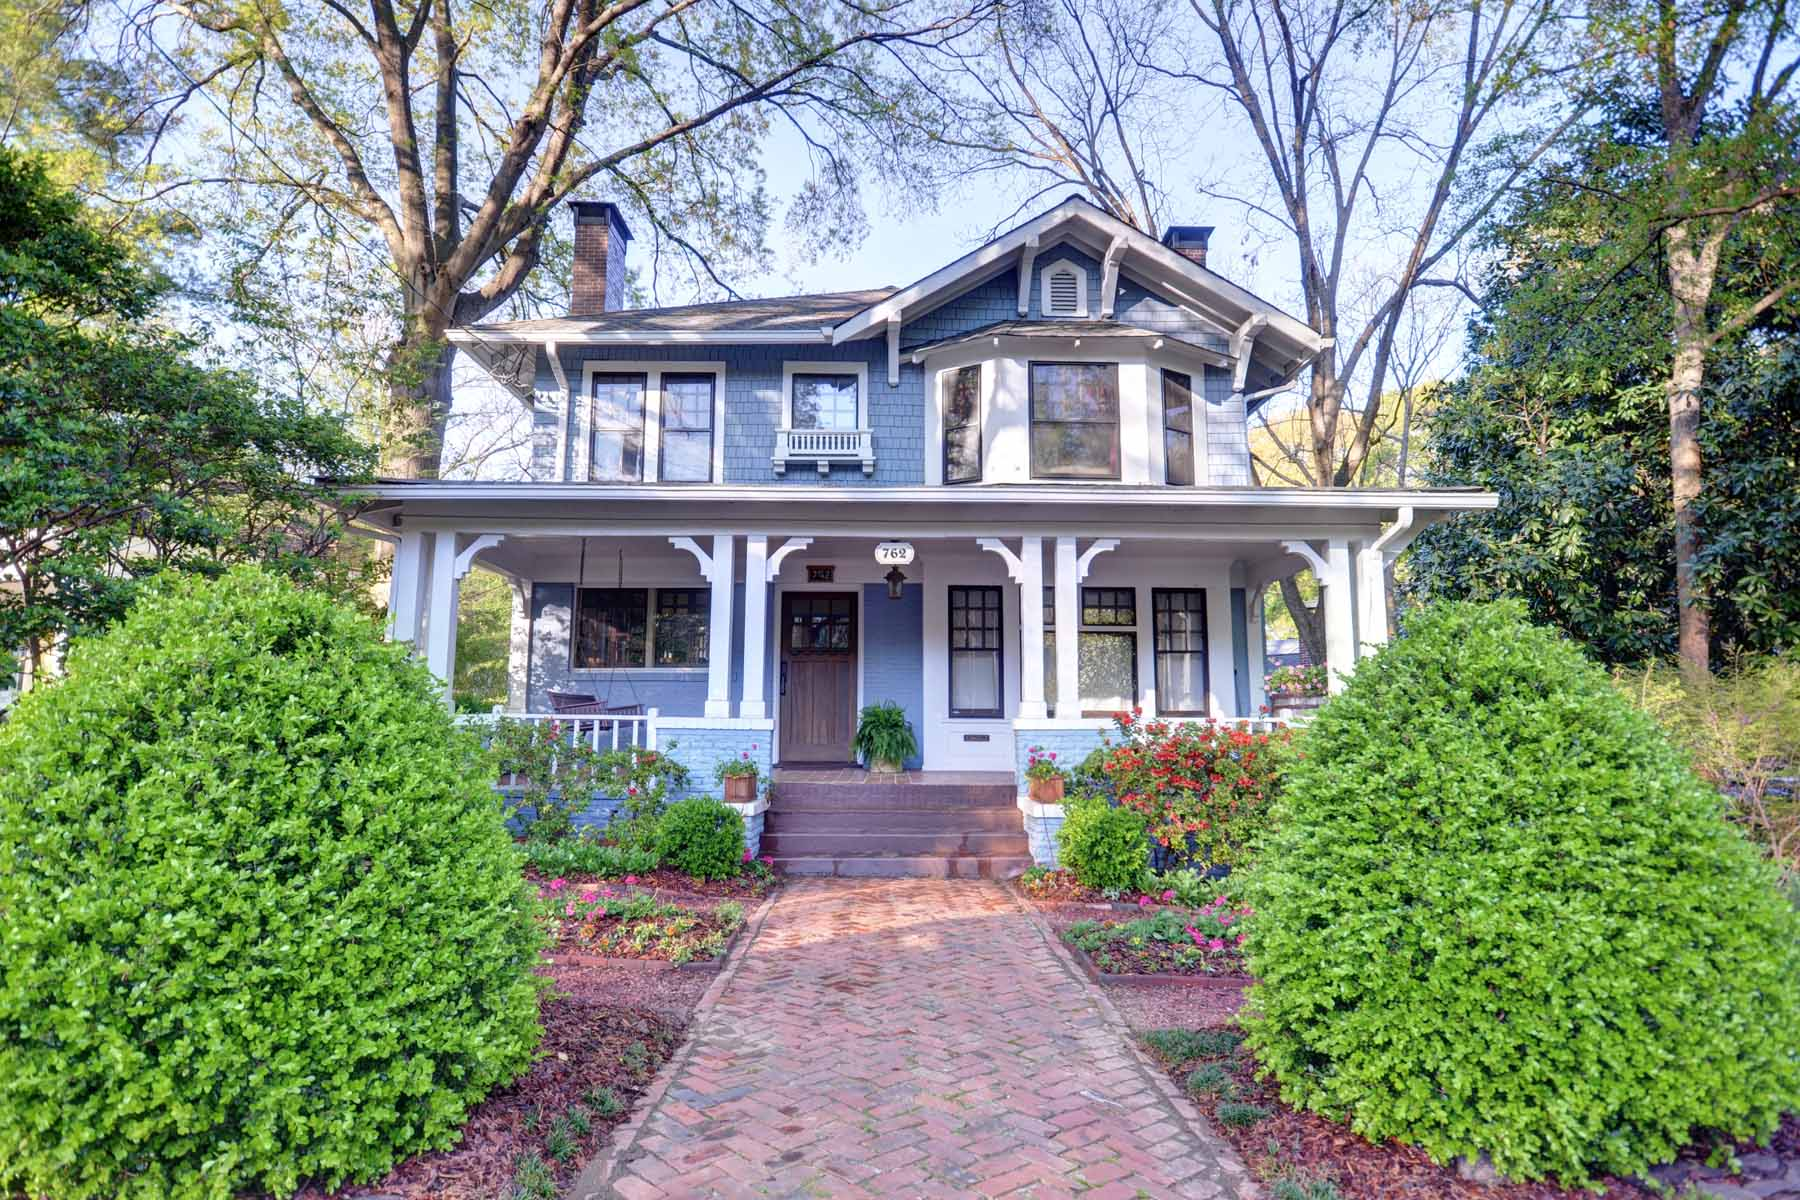 独户住宅 为 销售 在 Beautifully Restored 1910 Classic Midtown Home 762 Vedado Way NE Midtown, 亚特兰大, 乔治亚州, 30308 美国